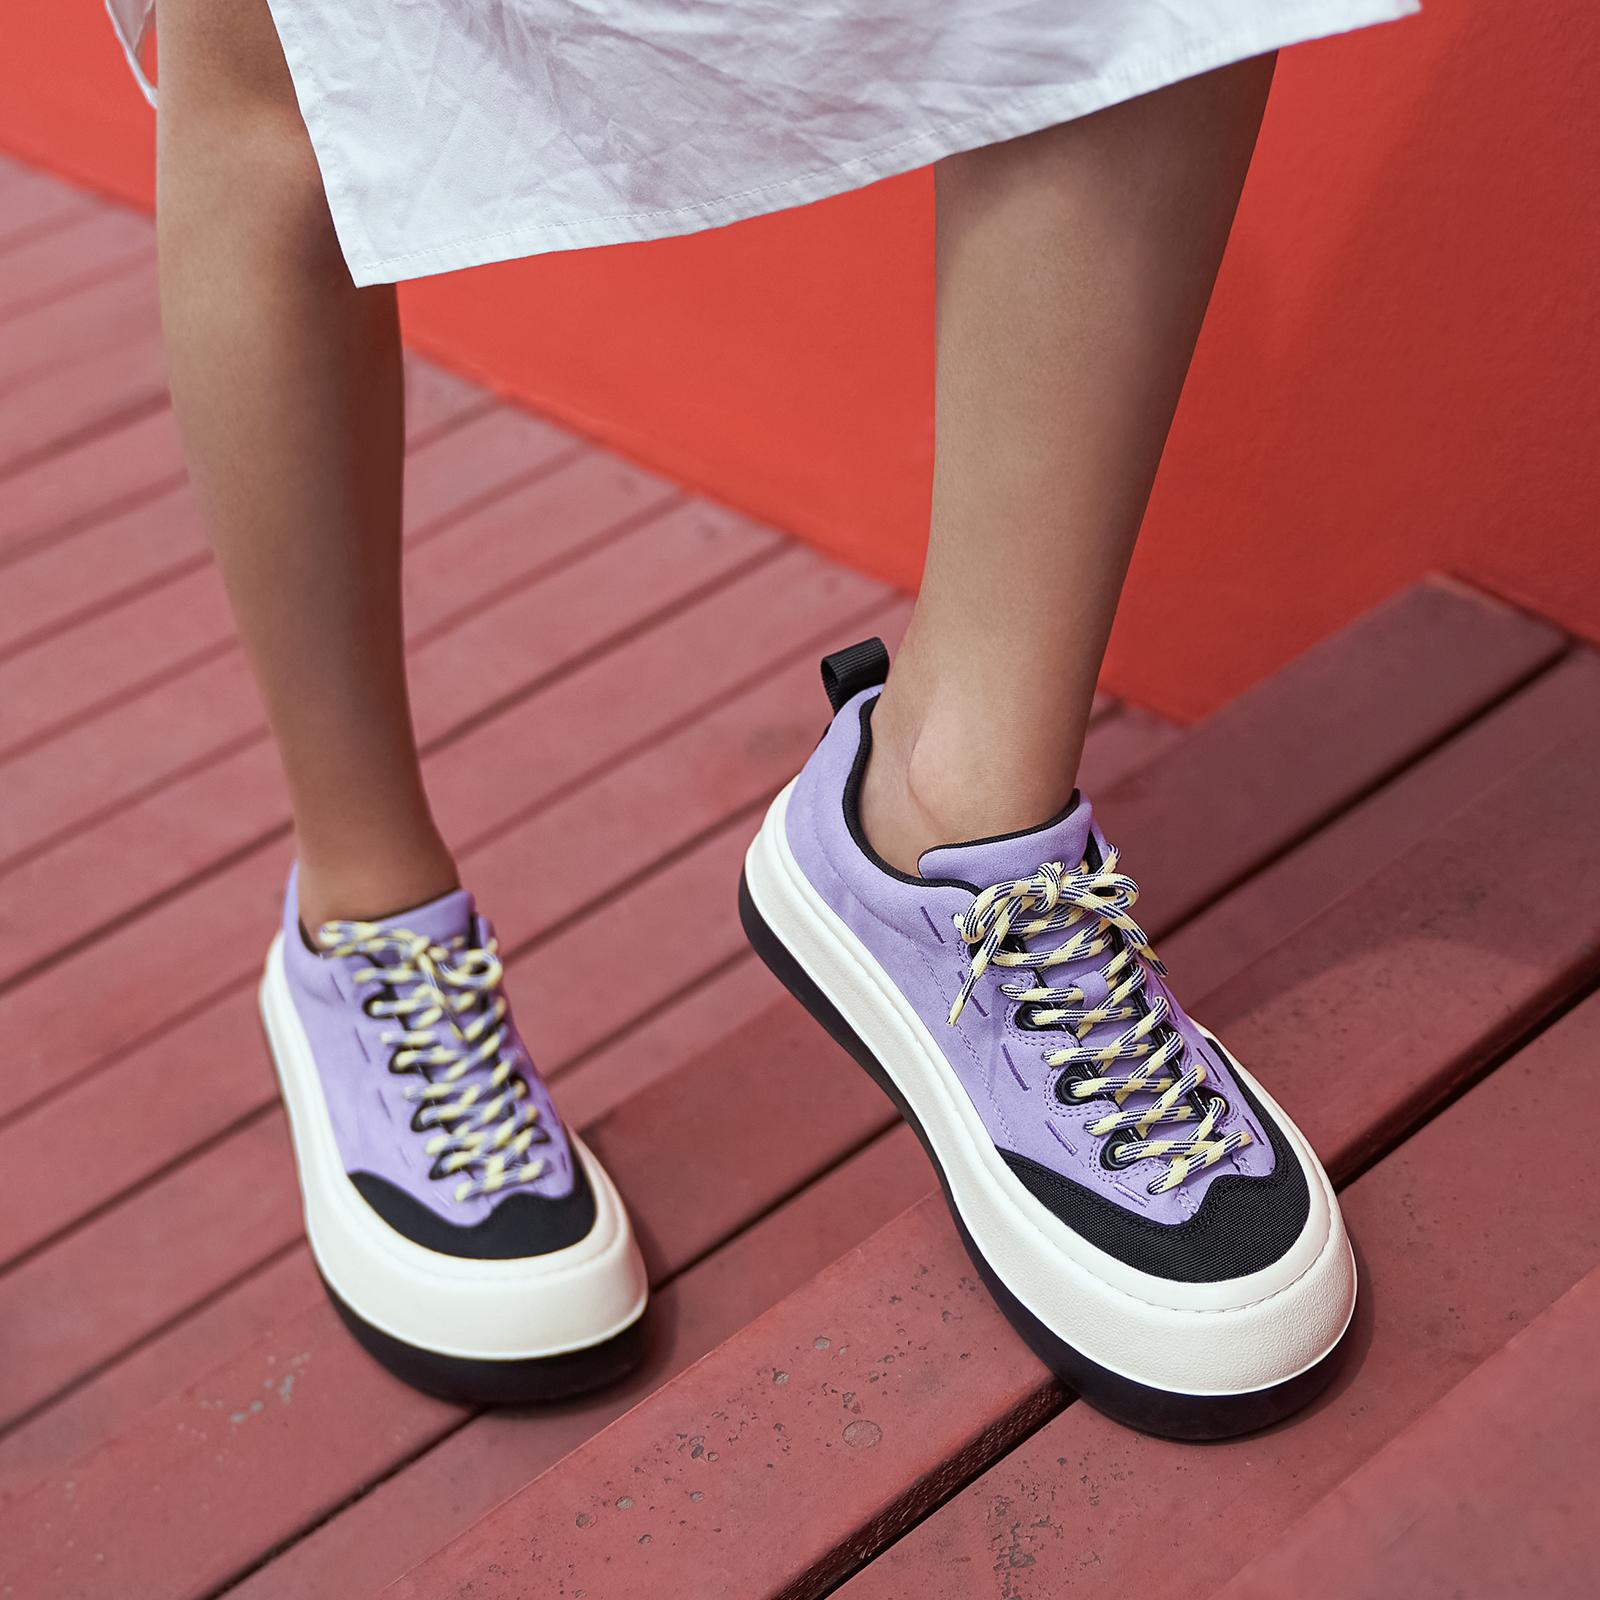 MASOOMAKE玛速主义 2020新款网红鞋子女秋冬摇摇鞋松糕厚底老爹鞋